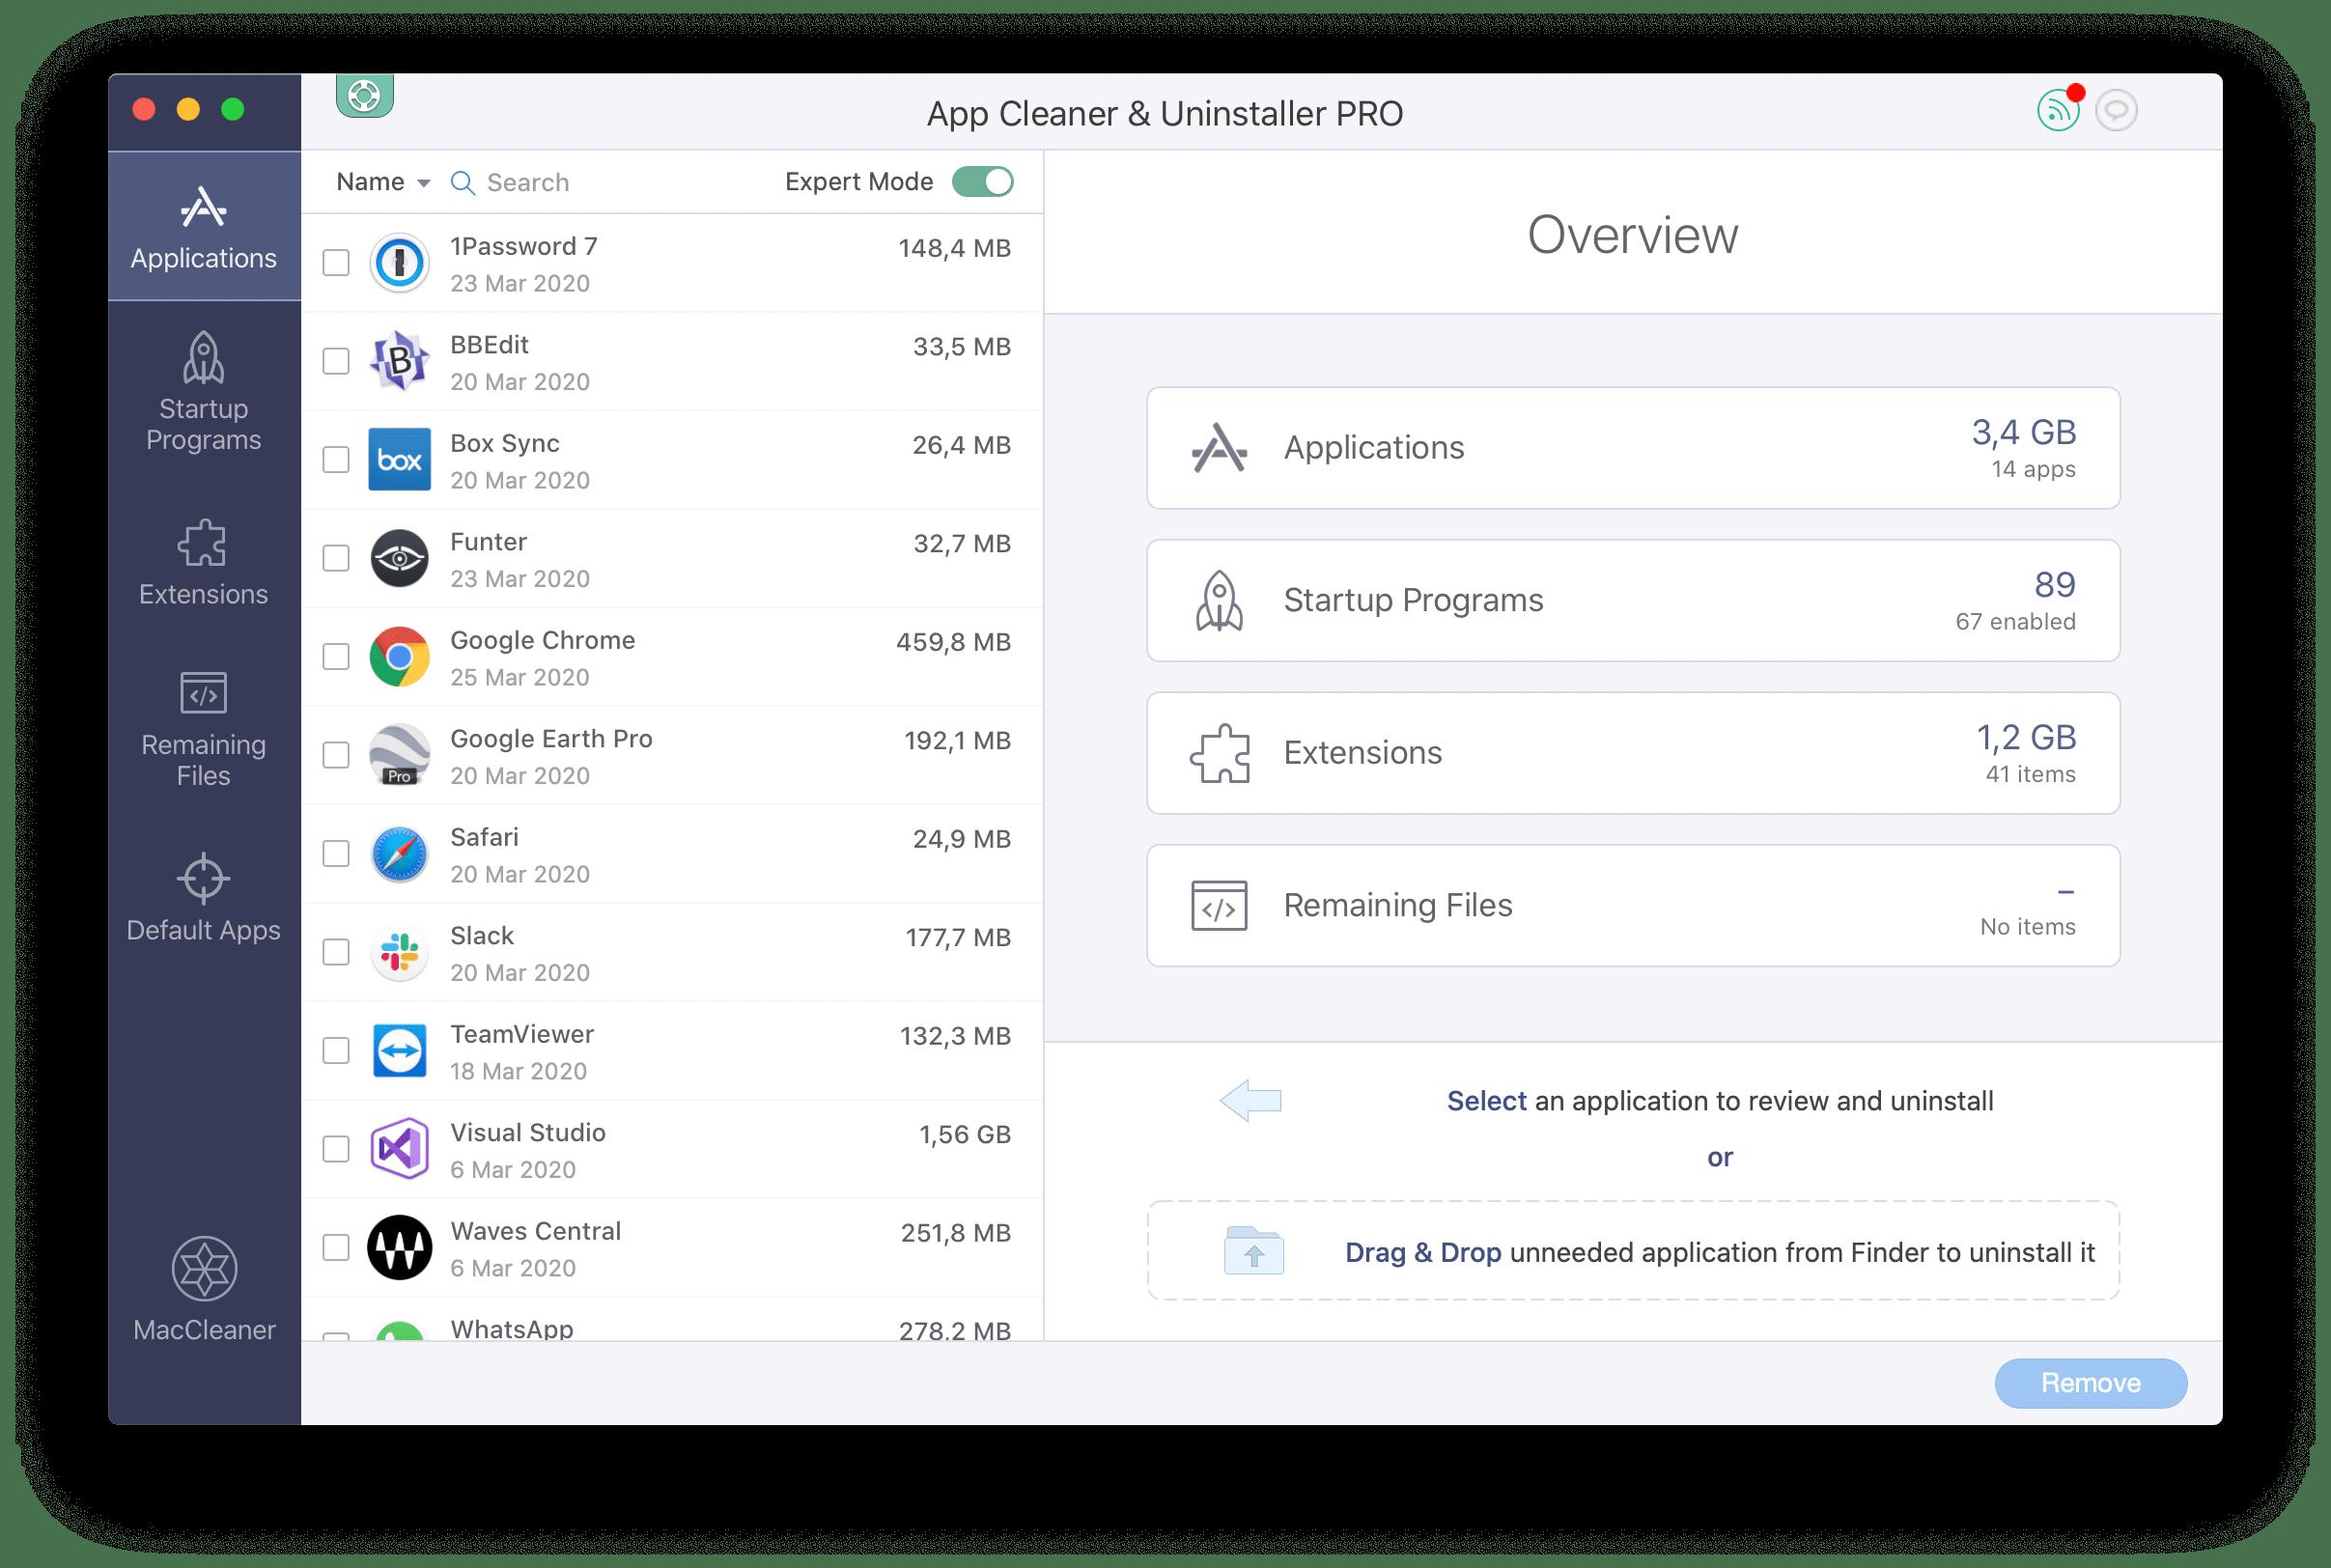 App Cleaner & Uninstaller Overview window